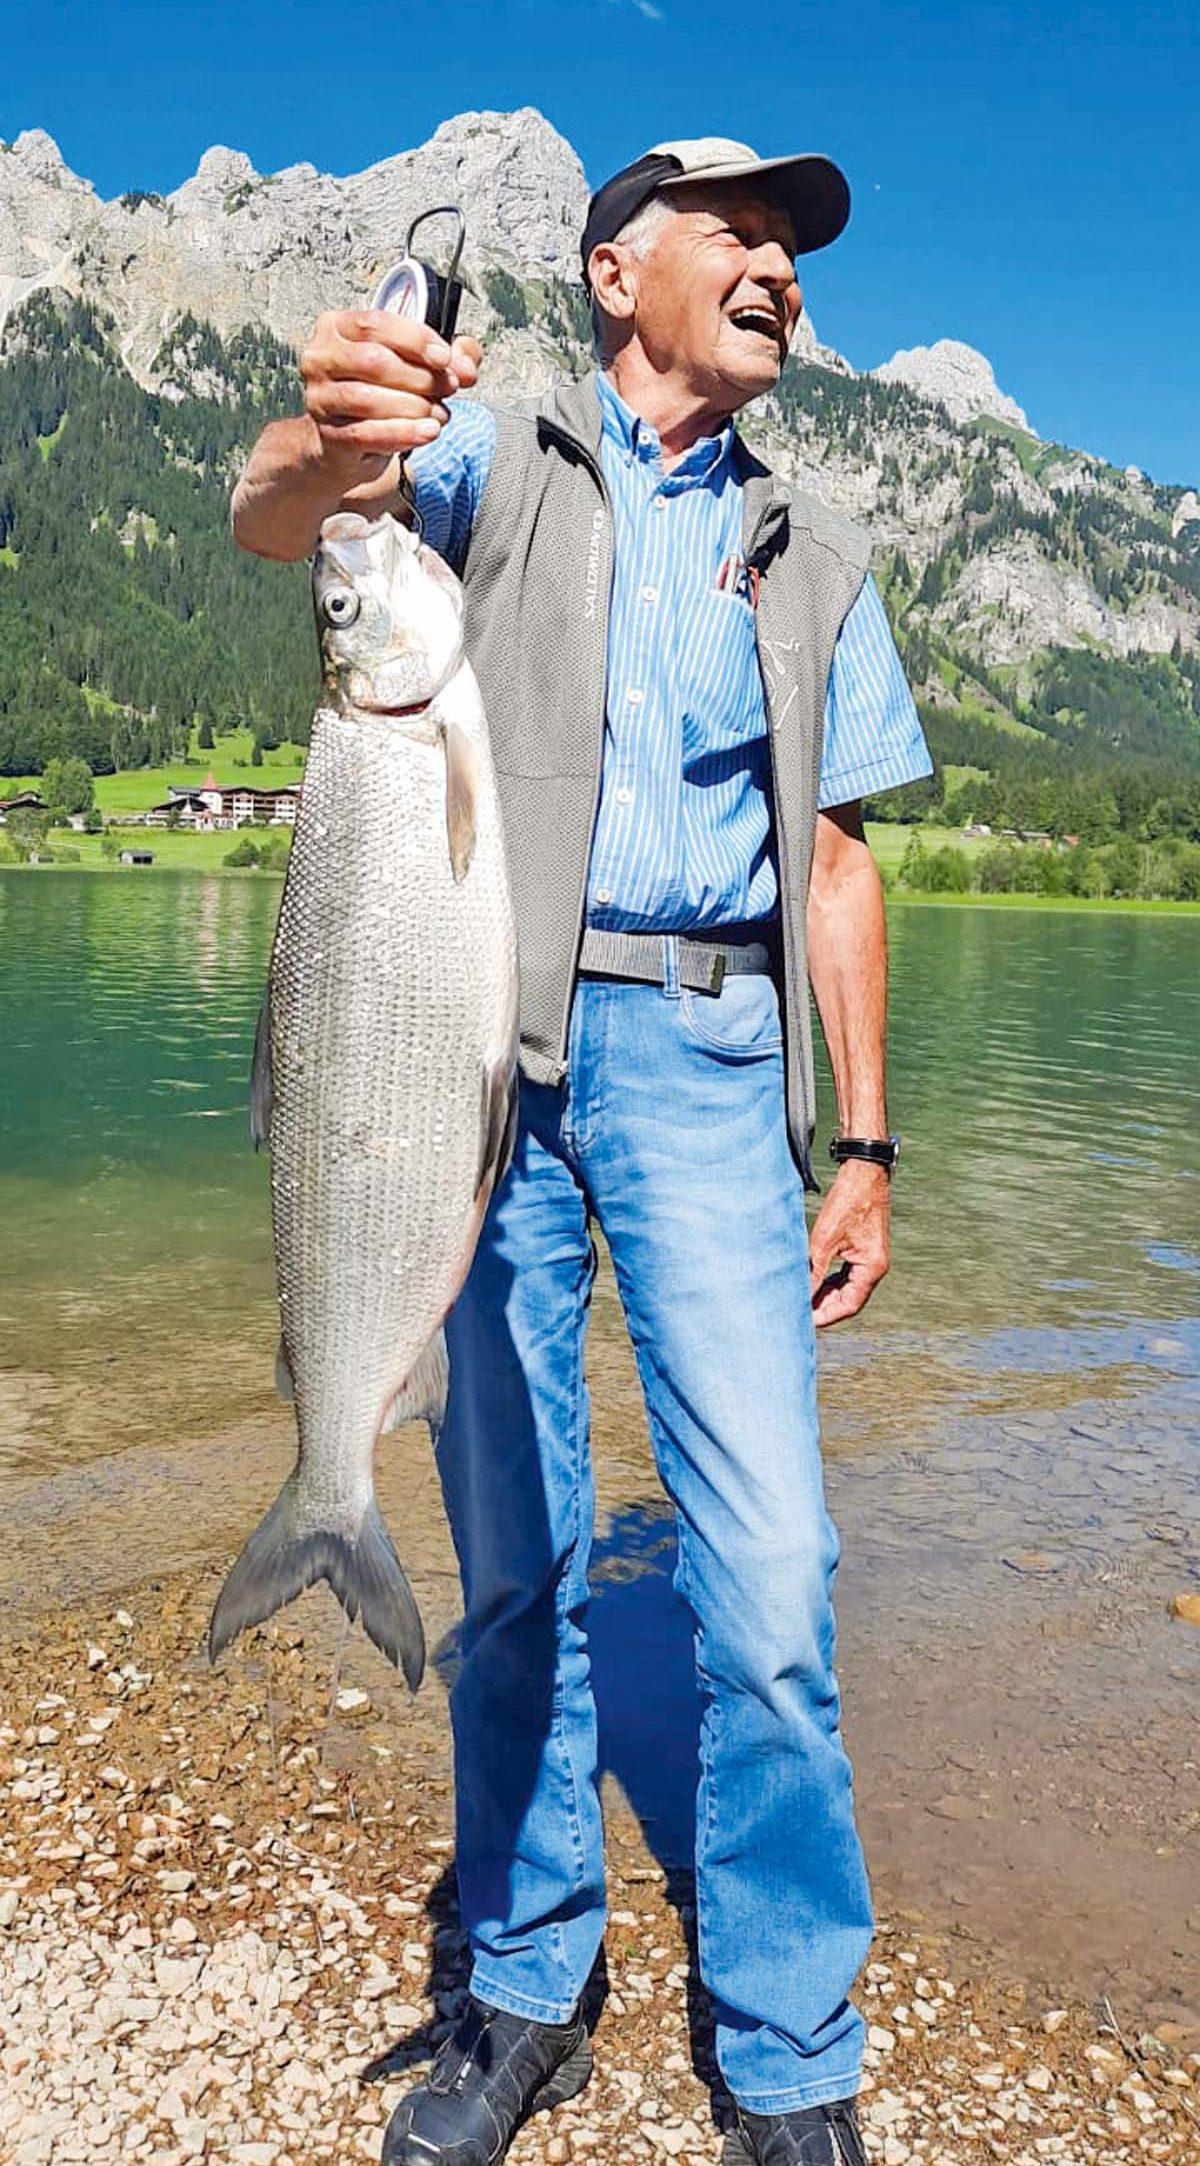 """Aus dem Haldensee stammt die Renke von Rainer Tauscher. Der See-Kenner überlistete das """"Bergsilber"""" mit einer Nymphe an der Hegene. Länge des Fisches: 67 Zentimeter, Gewicht: 5 Pfund 100 Gramm."""